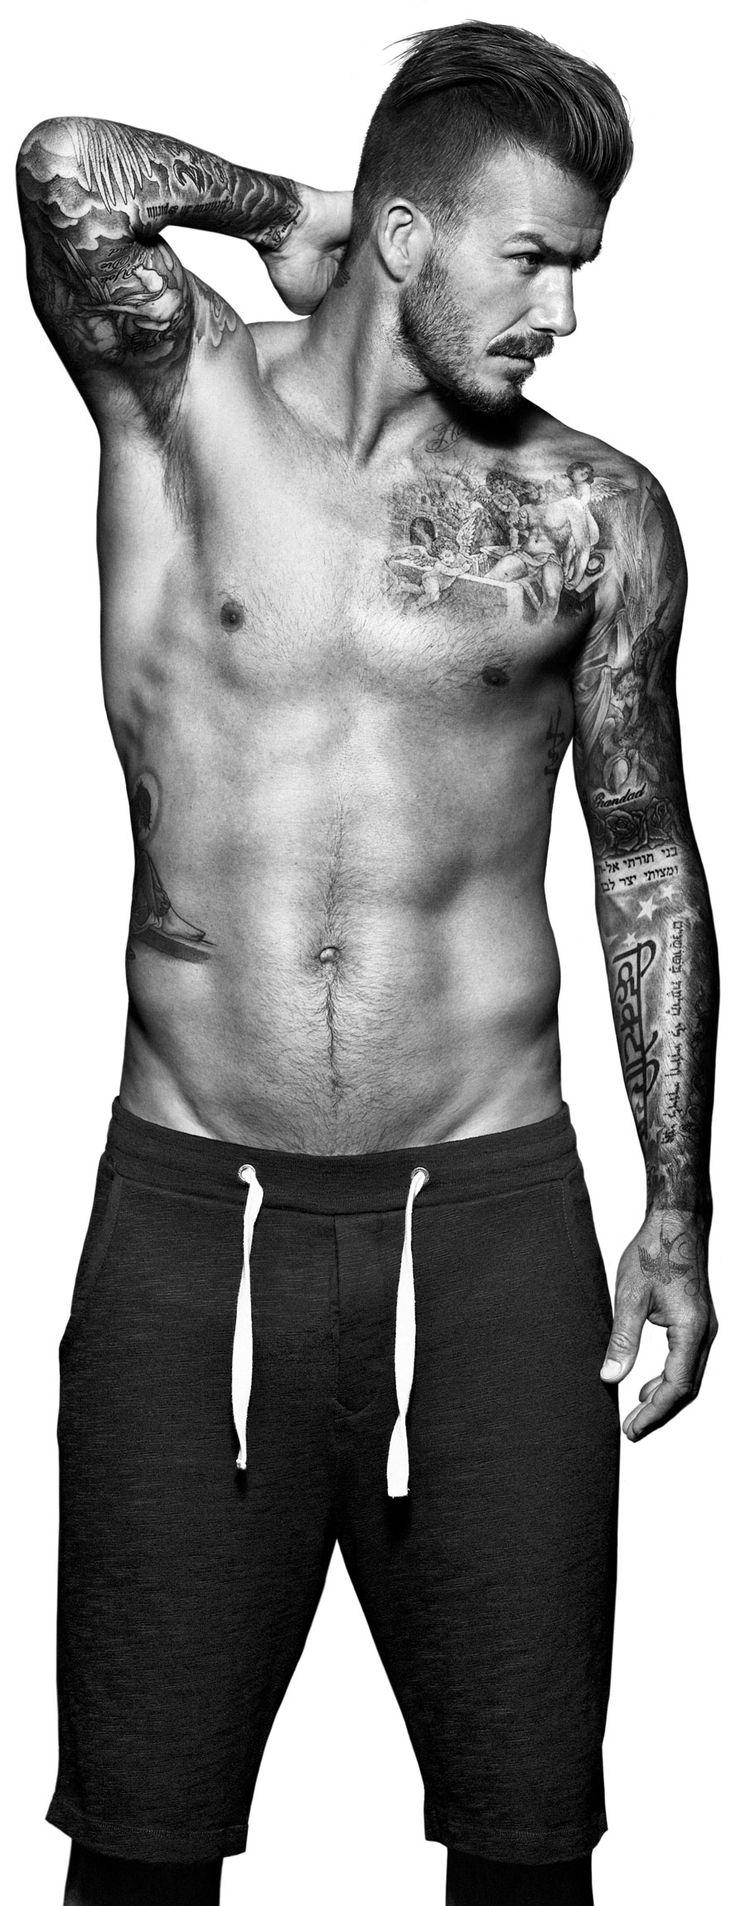 David Beckham Bodywear for H David Beckham Bodywear ist exklusiv bei H…